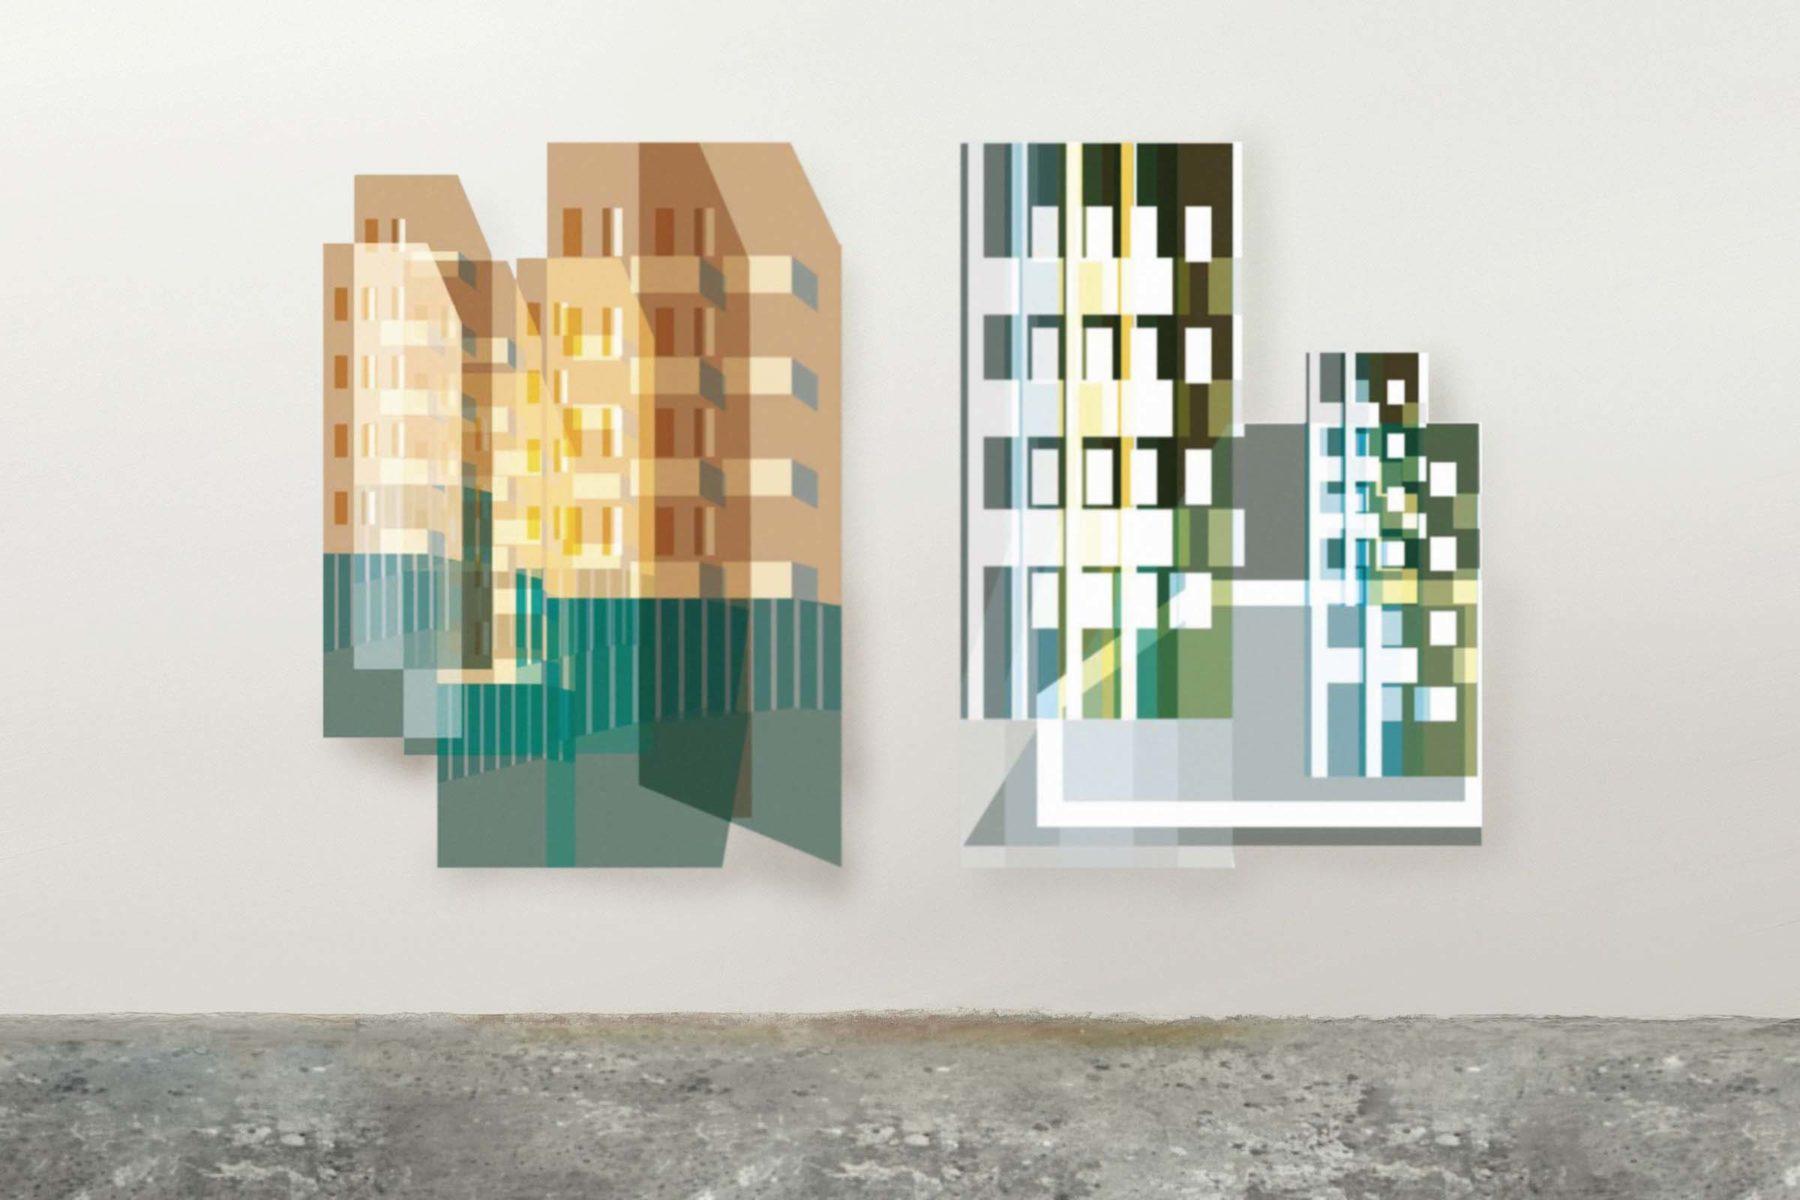 G. Dell'Antonia, Mentre cammino si spostano i luoghi, 2008, lambda print on aluminium, plexiglas